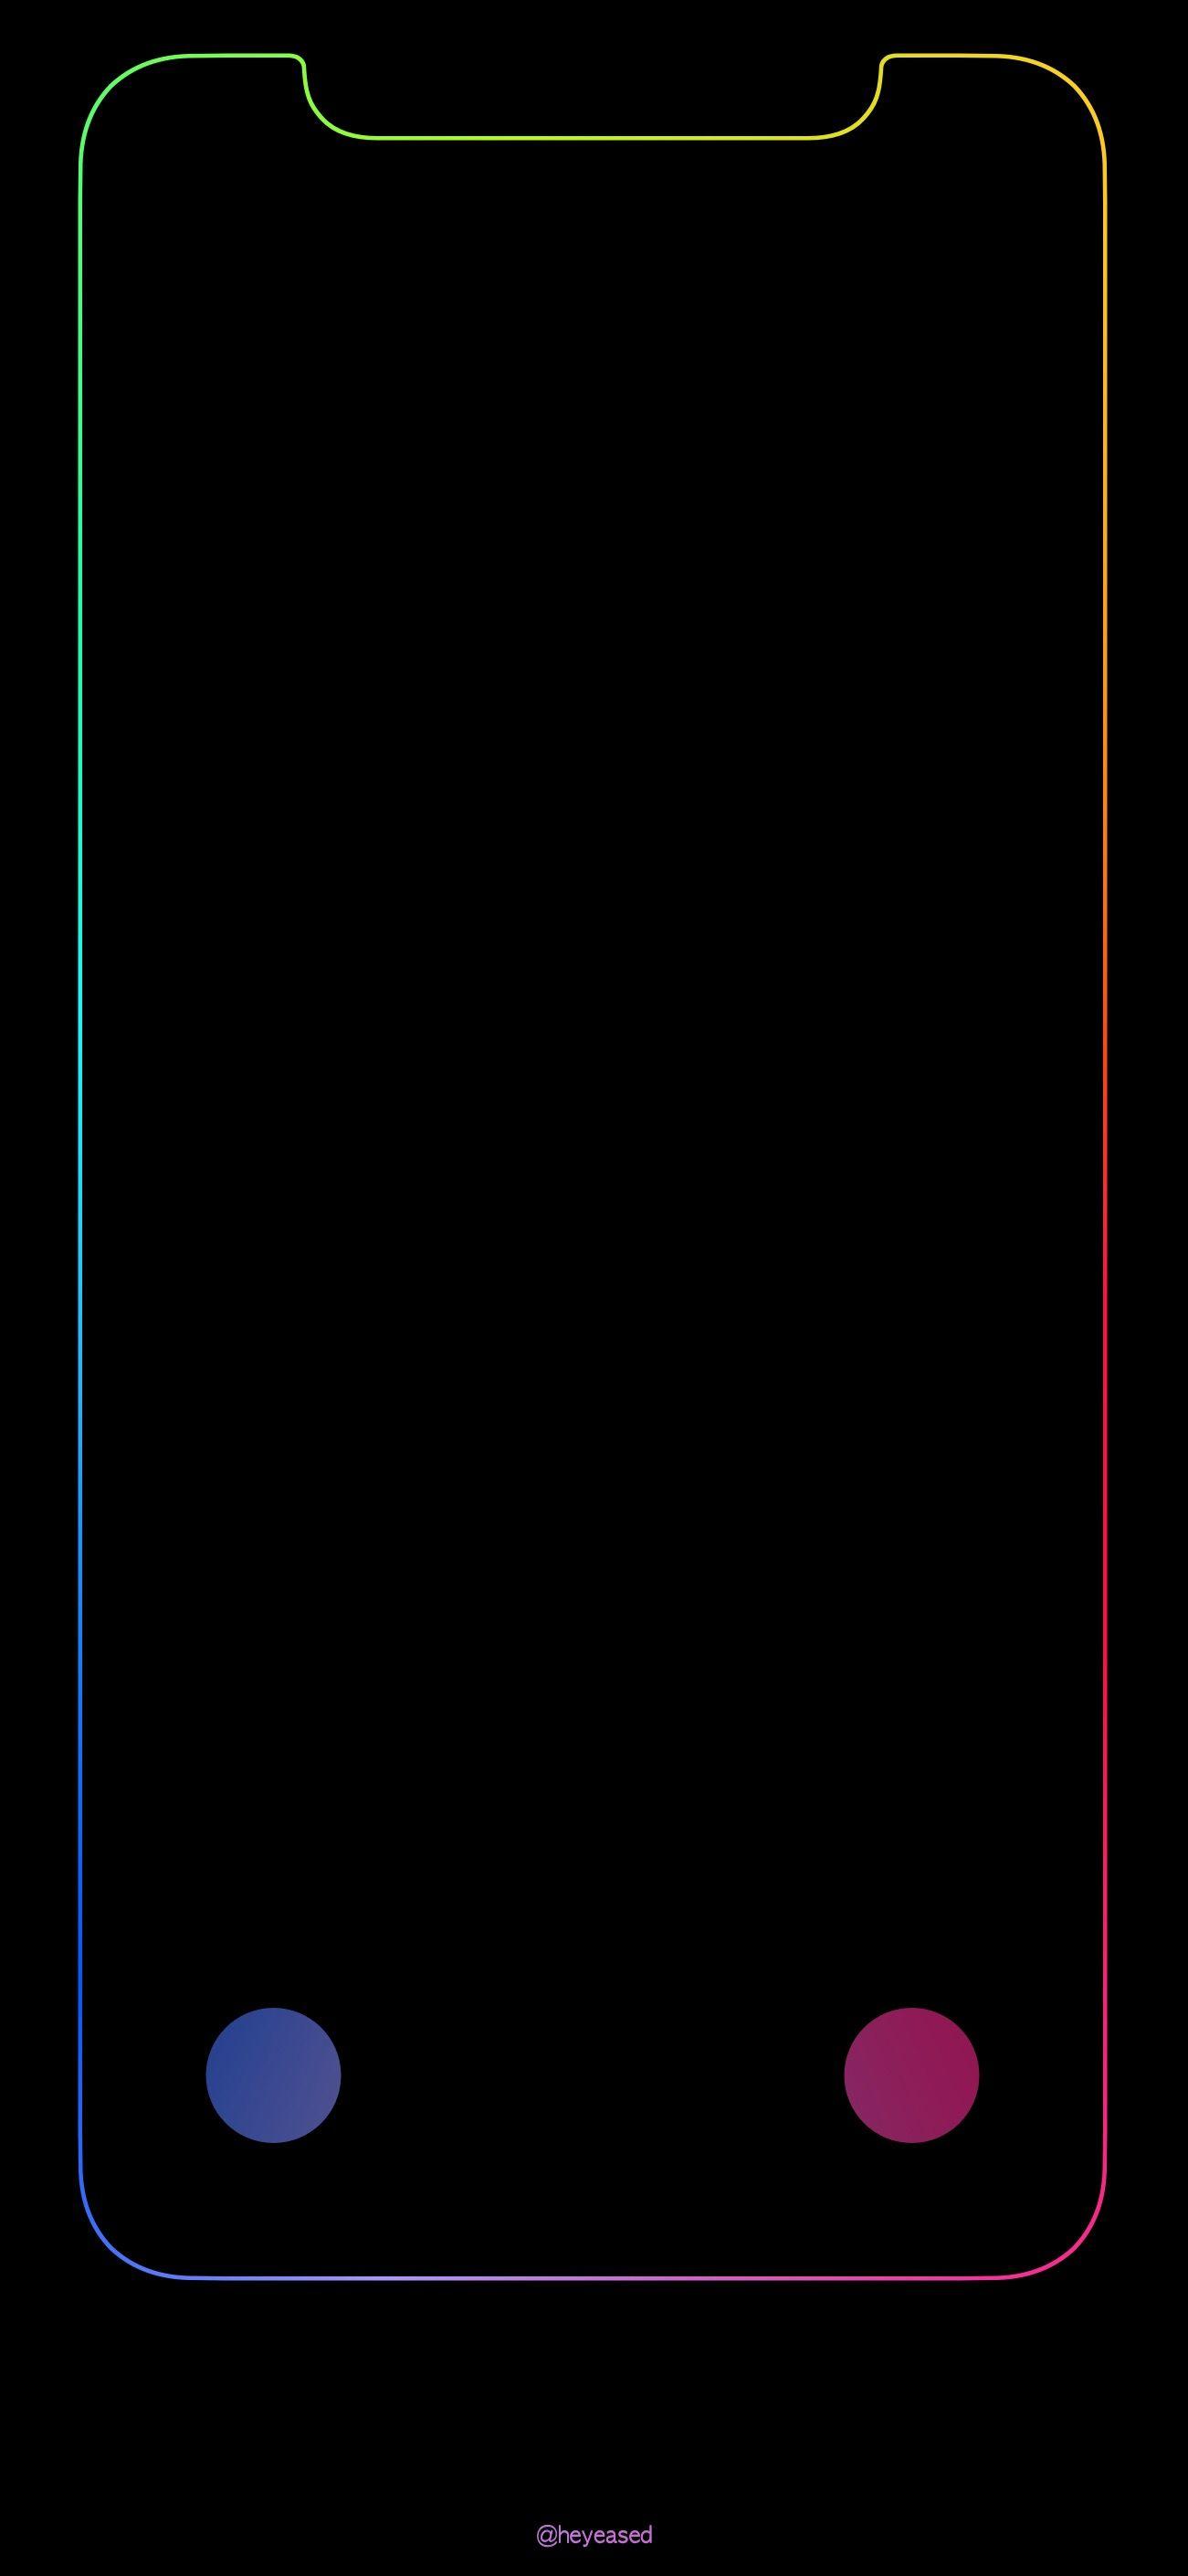 Pin By On ᵂᵃˡˡᵖᵃᵖᵉʳˢ Iphone